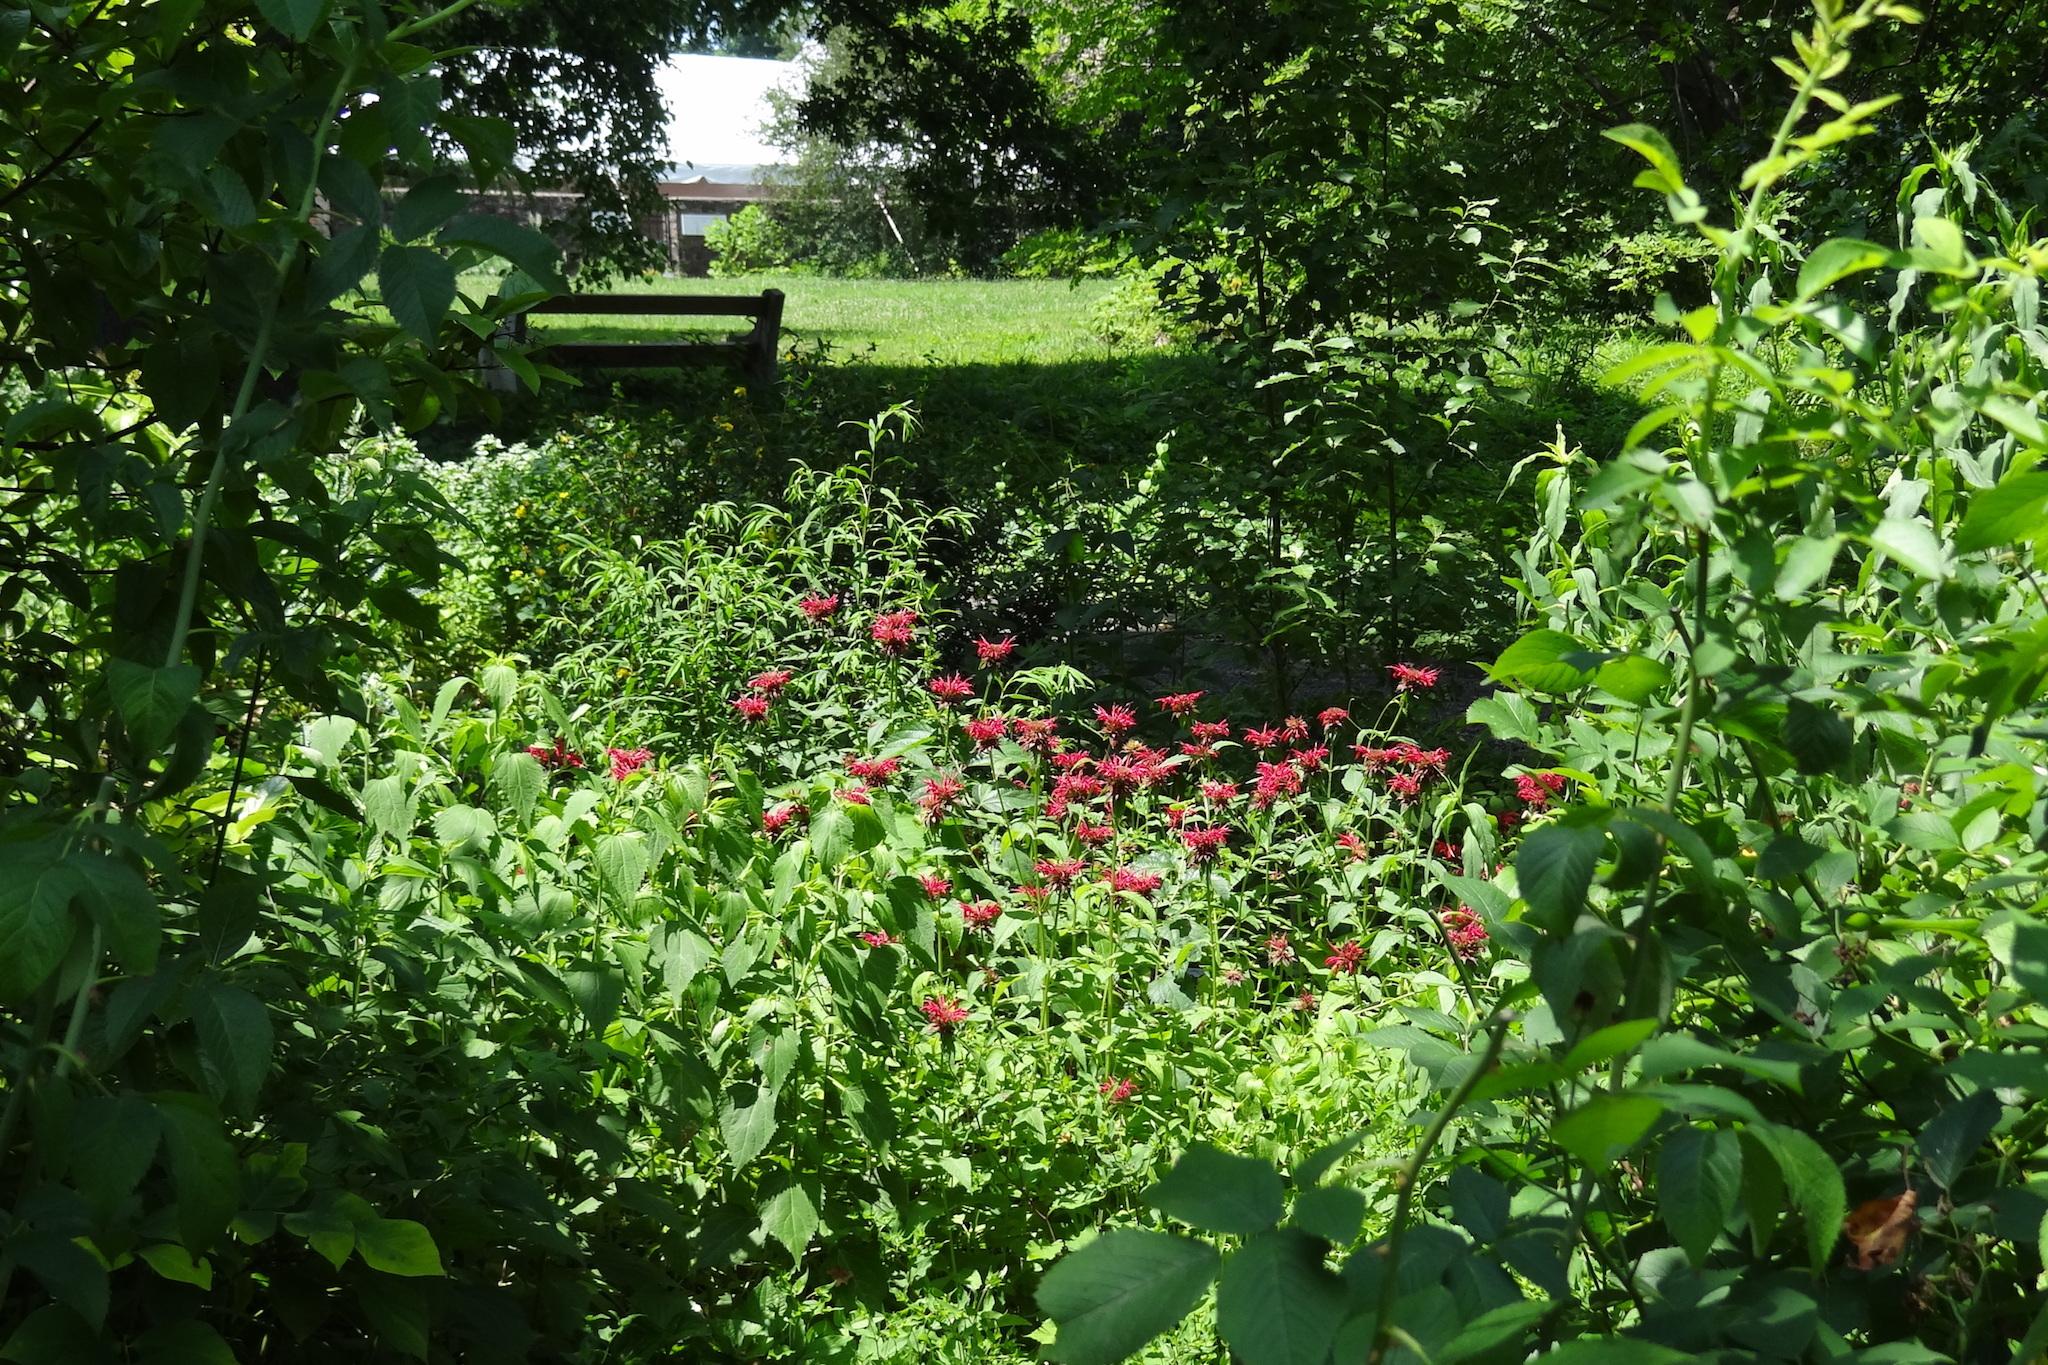 bartrams garden